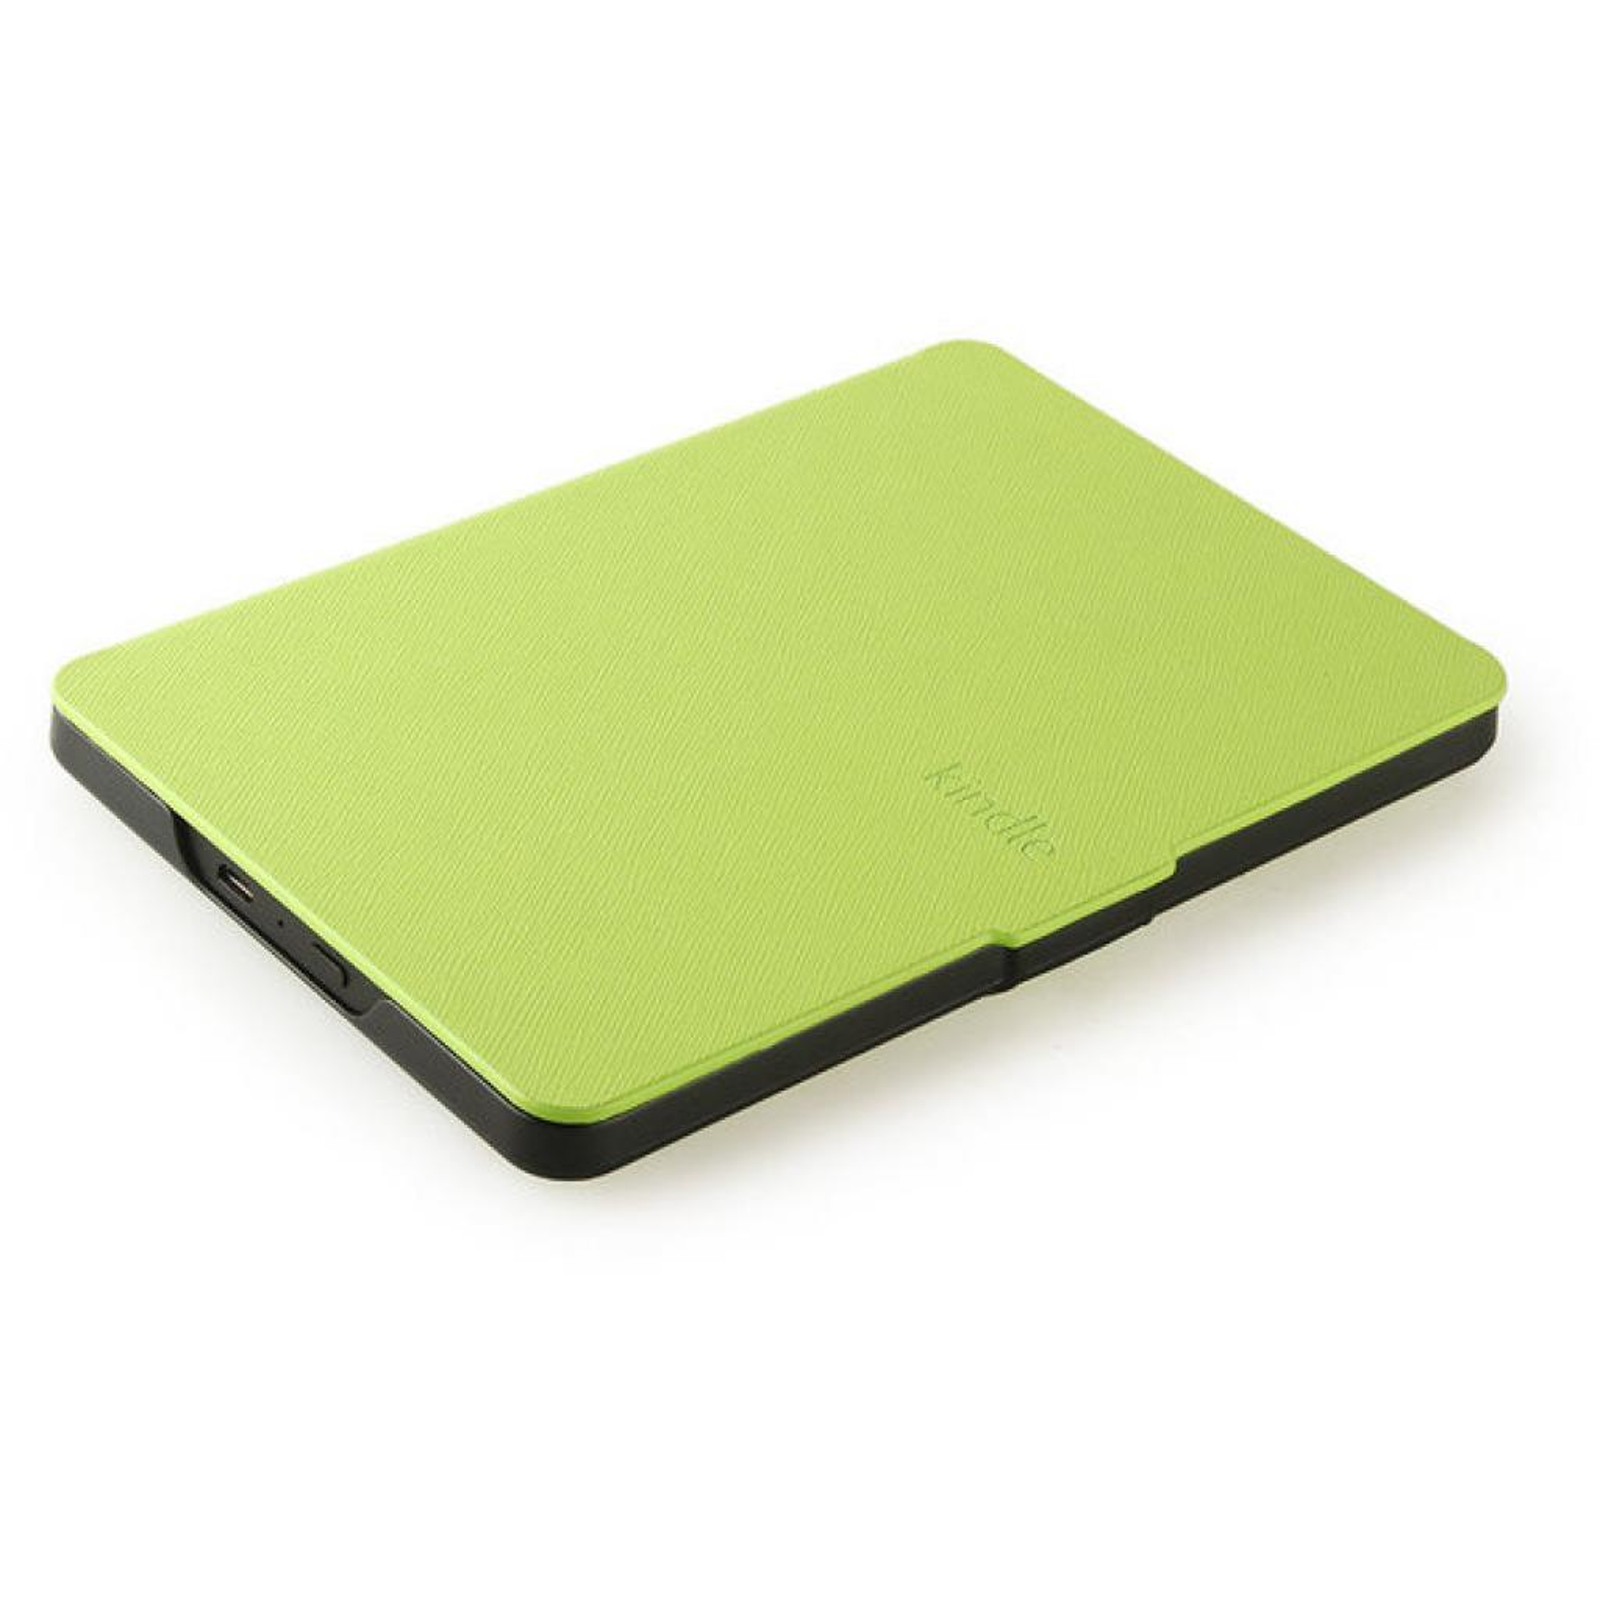 Чехол для электронной книги AirOn для Amazon Kindle 6 green (4822356754495) изображение 4